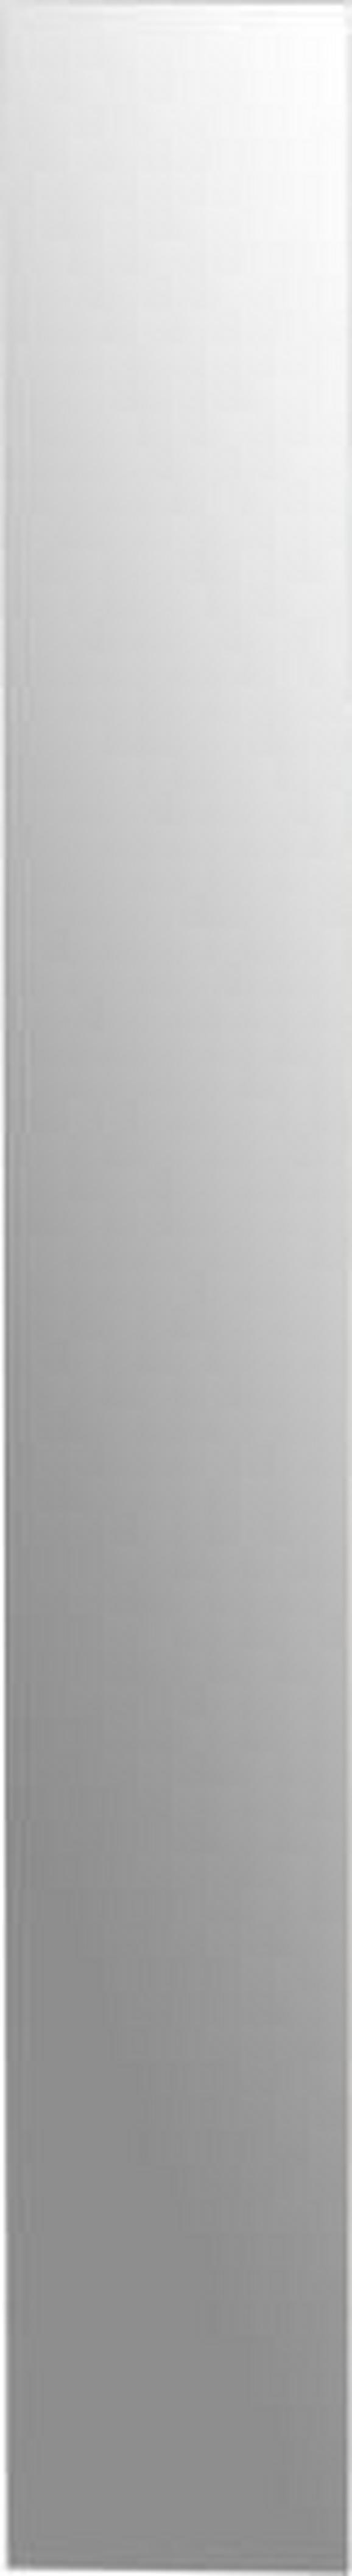 Ragasztható Tükör Corny    -sb- - ezüst színű (21/150cm)